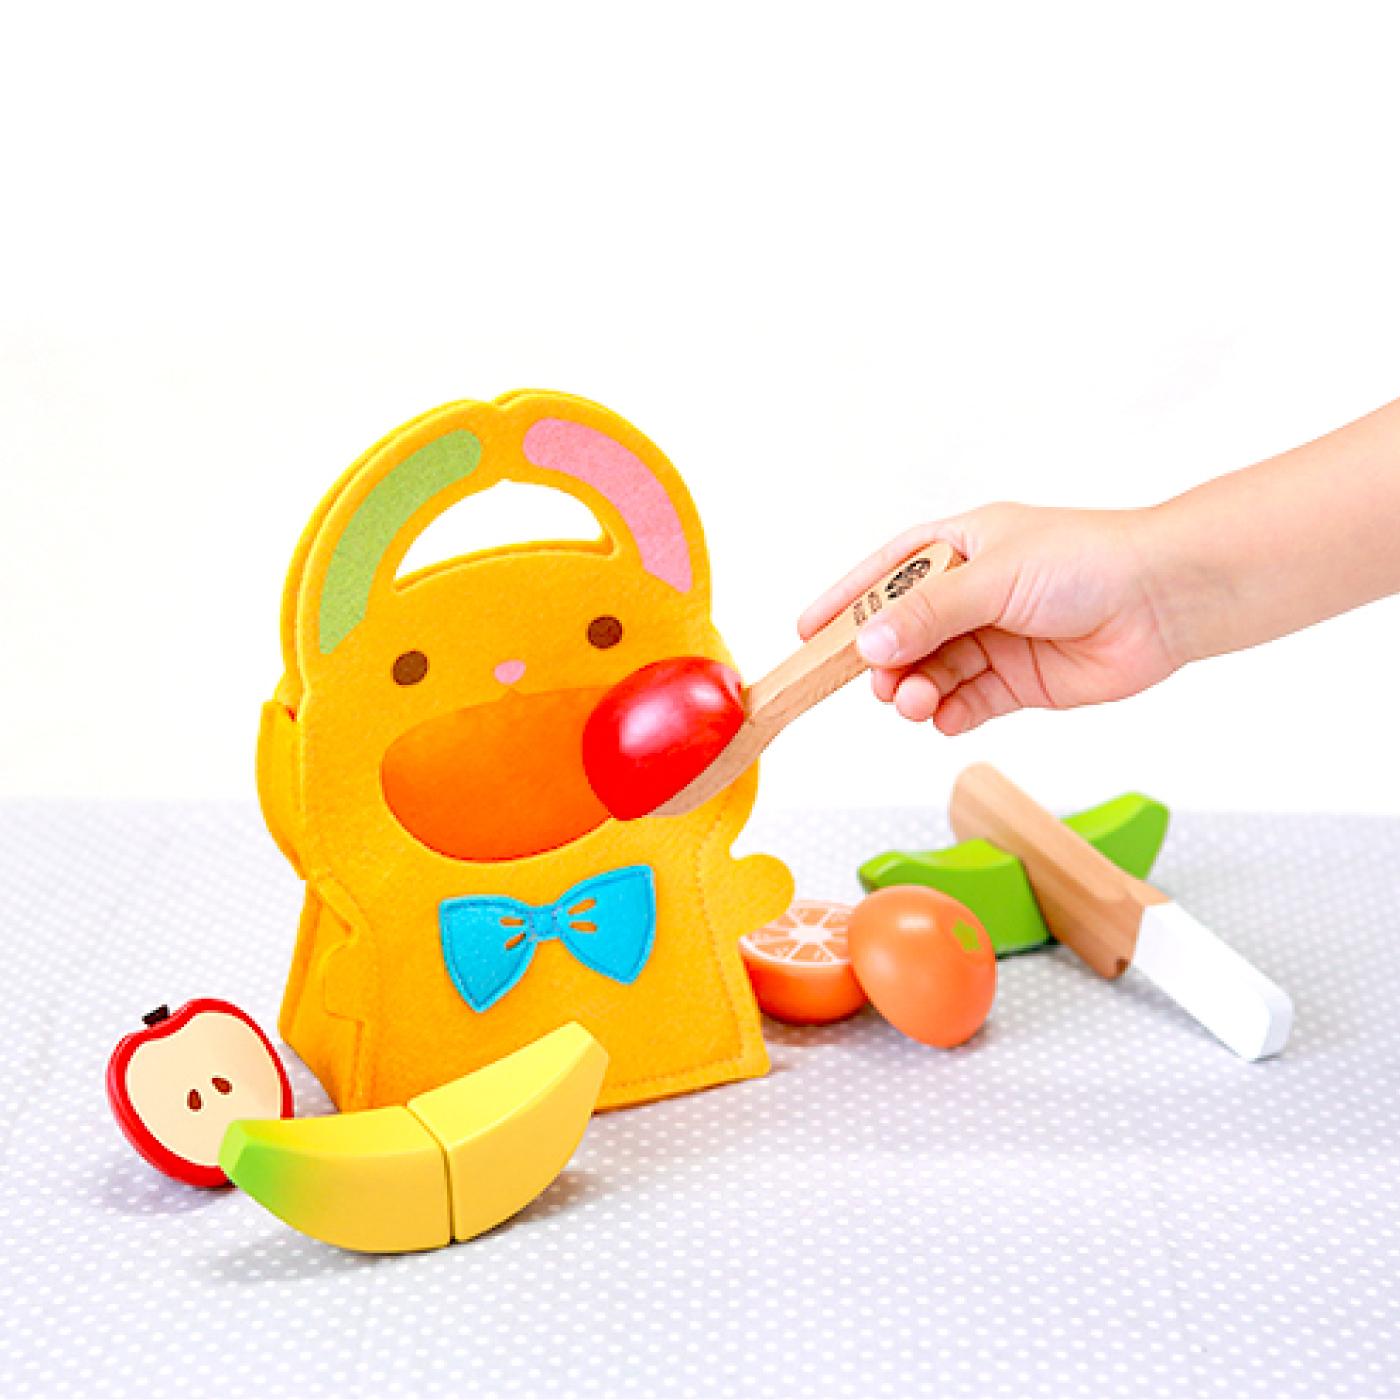 フェリシモ ウッディプッディ 木のおもちゃ はじめての食育 もぐもぐフルーツセット